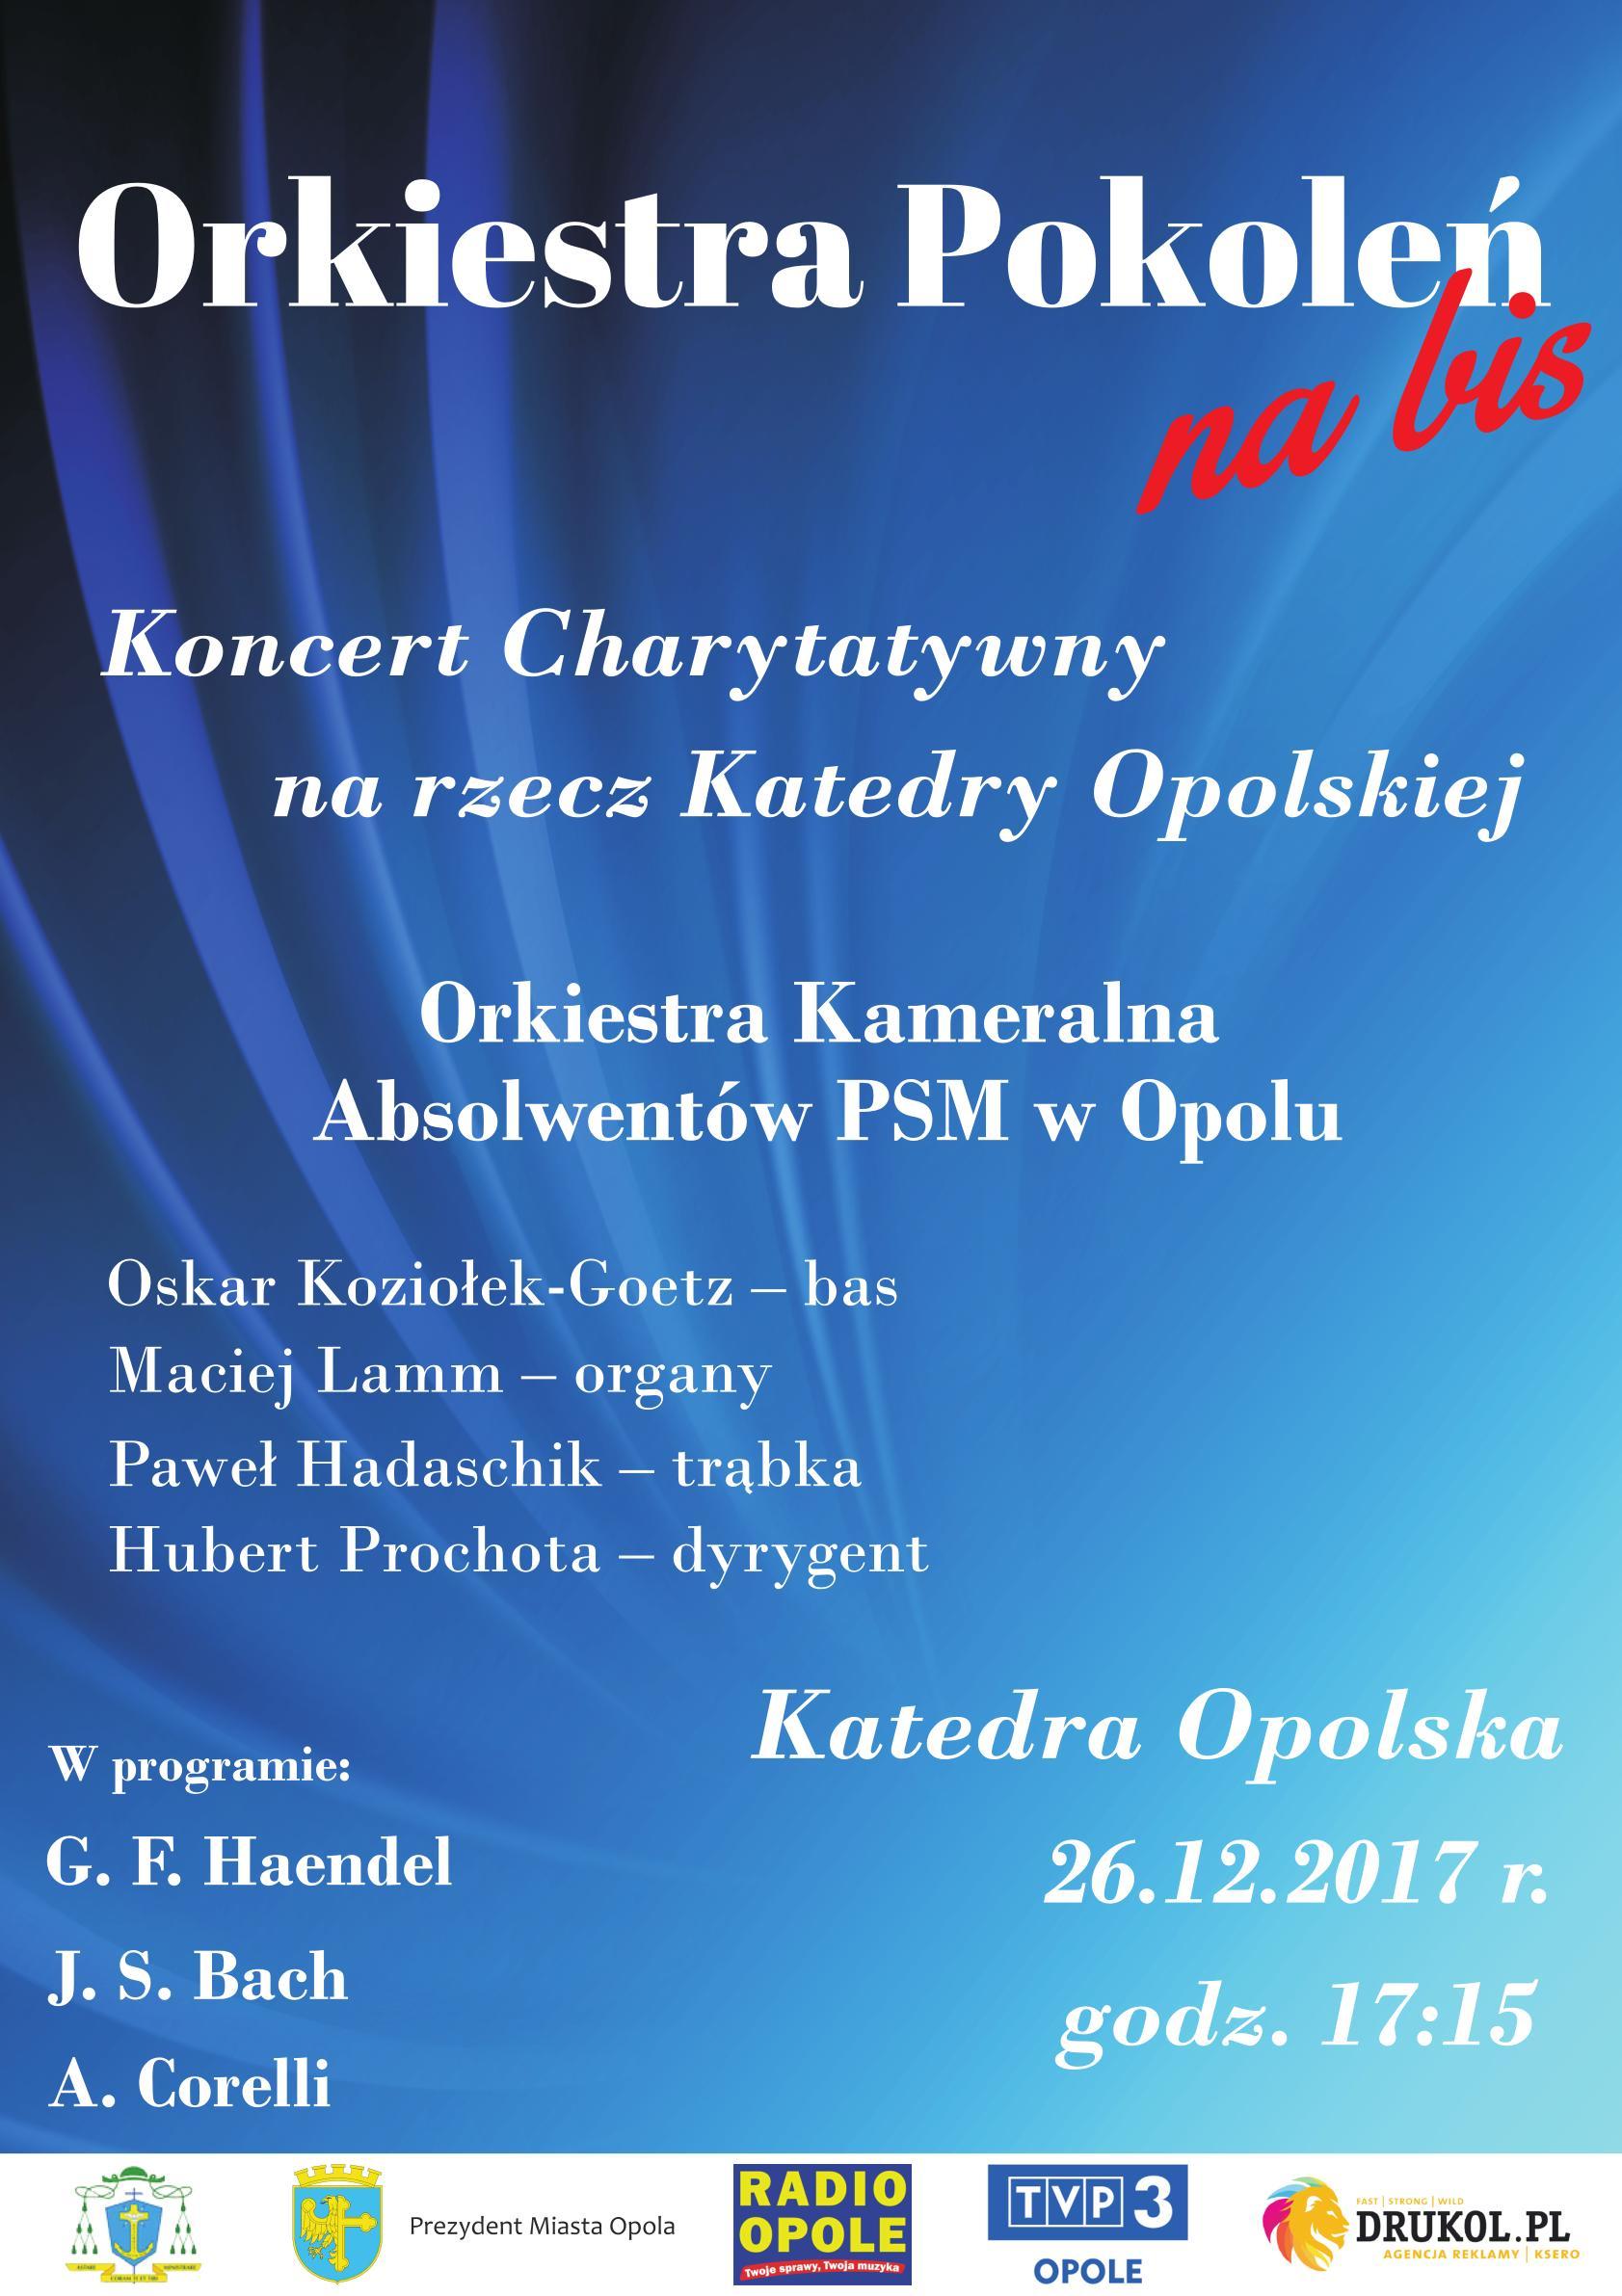 Koncert 'Orkiestra Pokoleń na bis' na rzecz Katedry Opolskiej już we wtorek